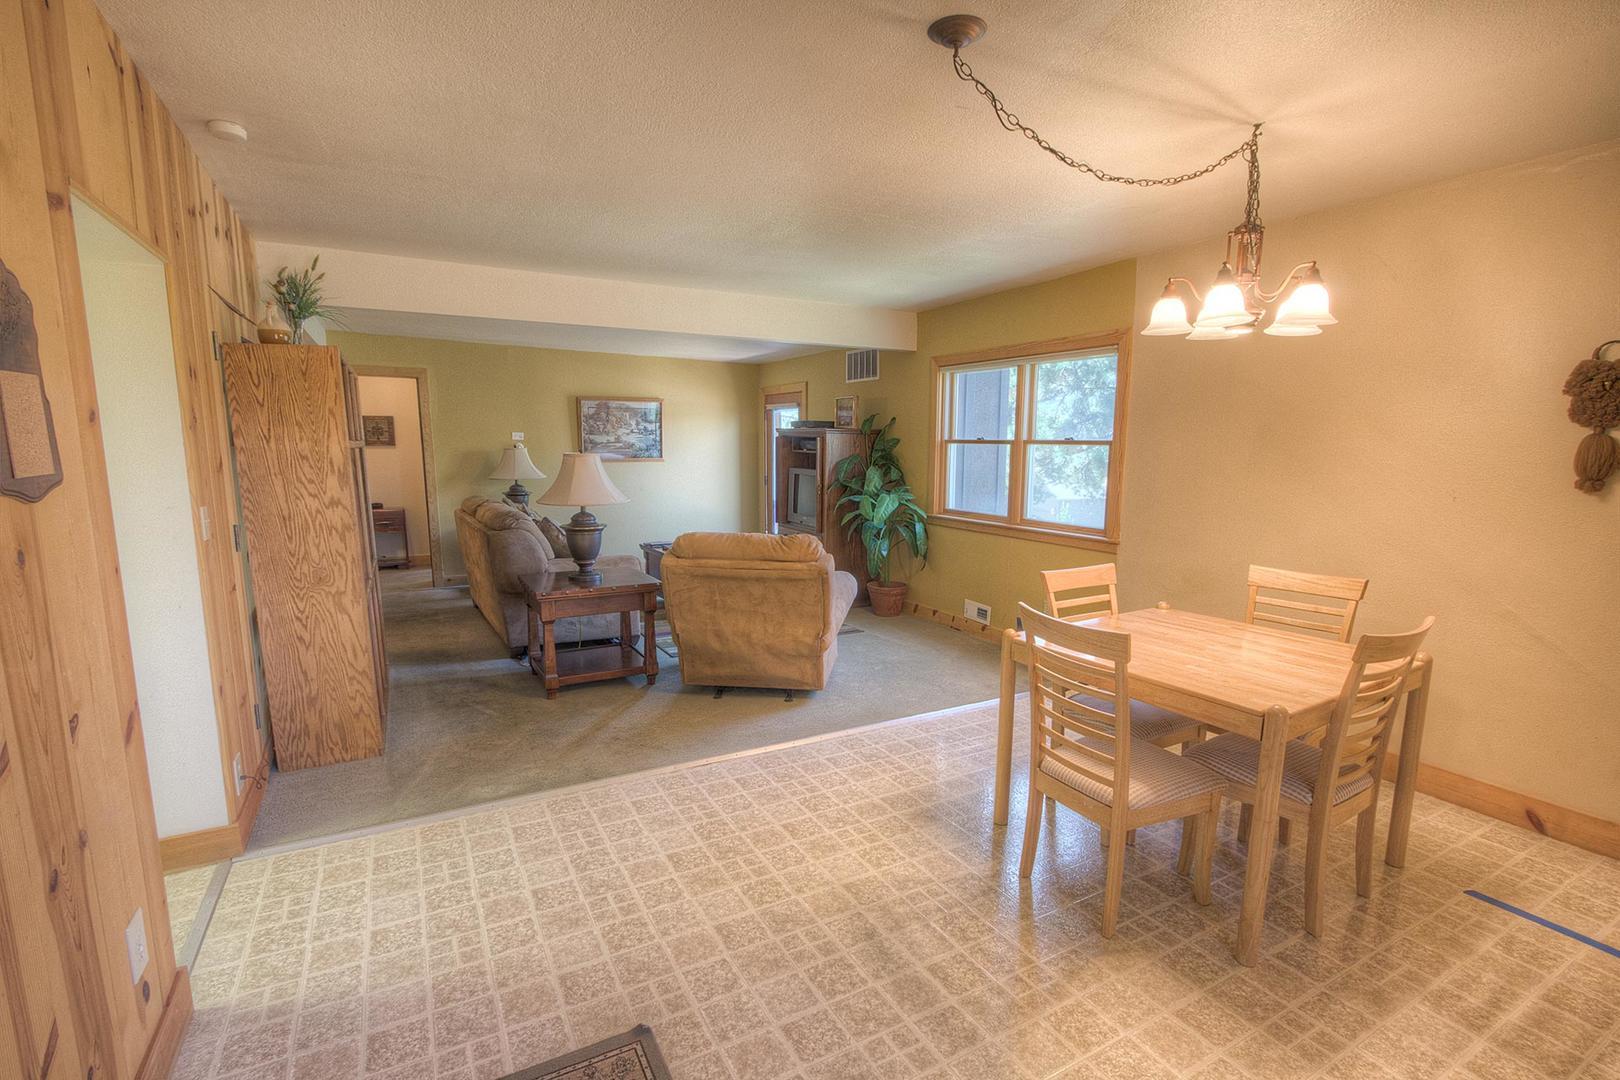 hch1202 dining room